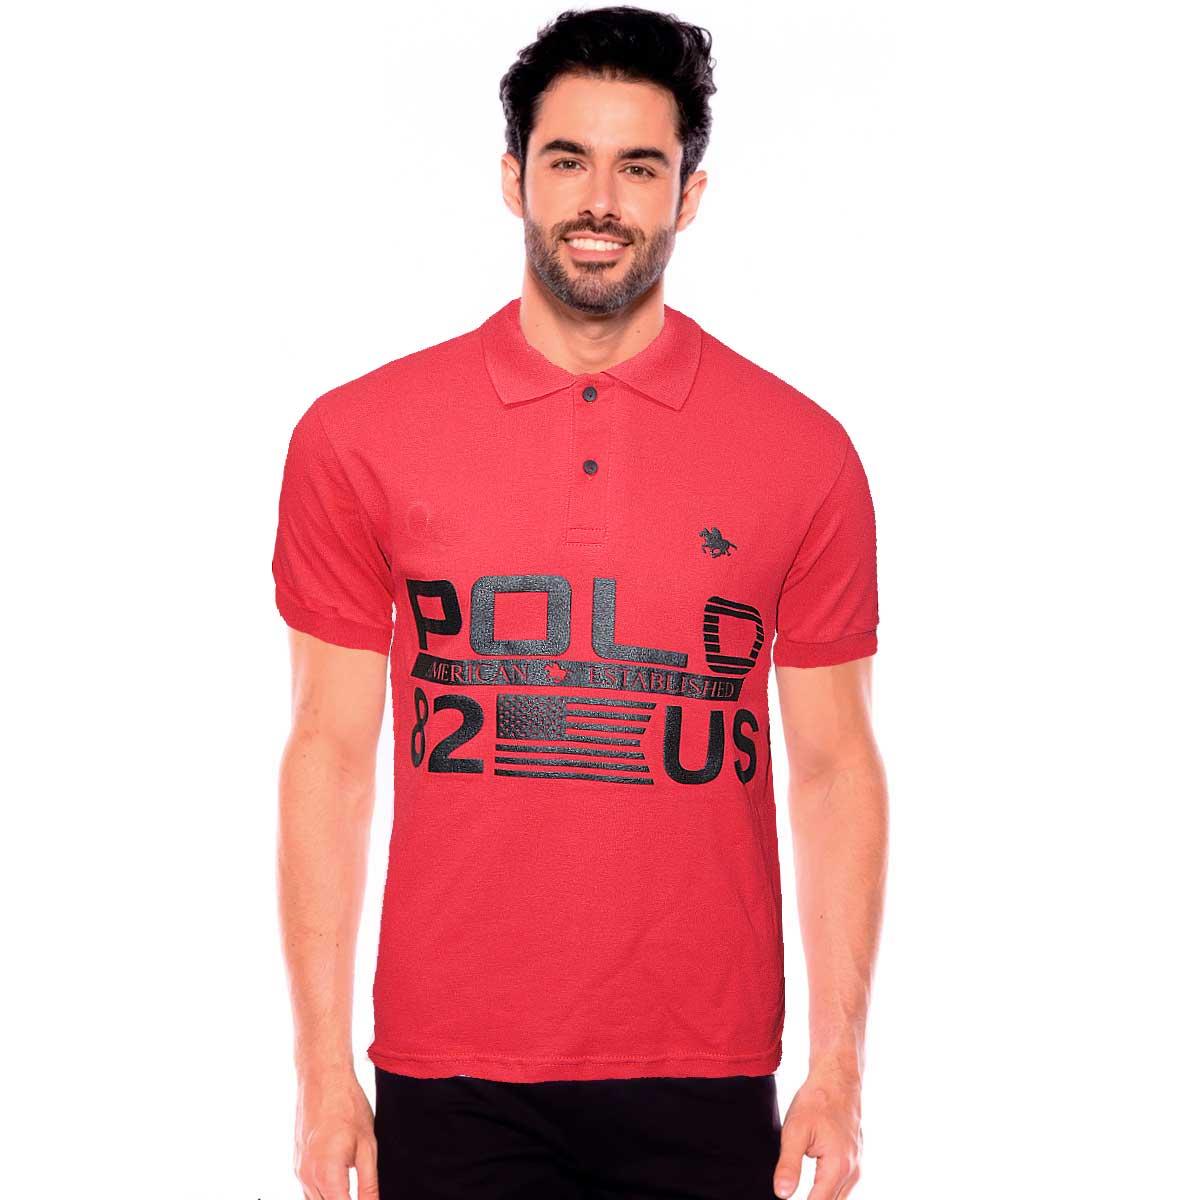 Camisa Gola Polo Masculina  Usa Polo RG518